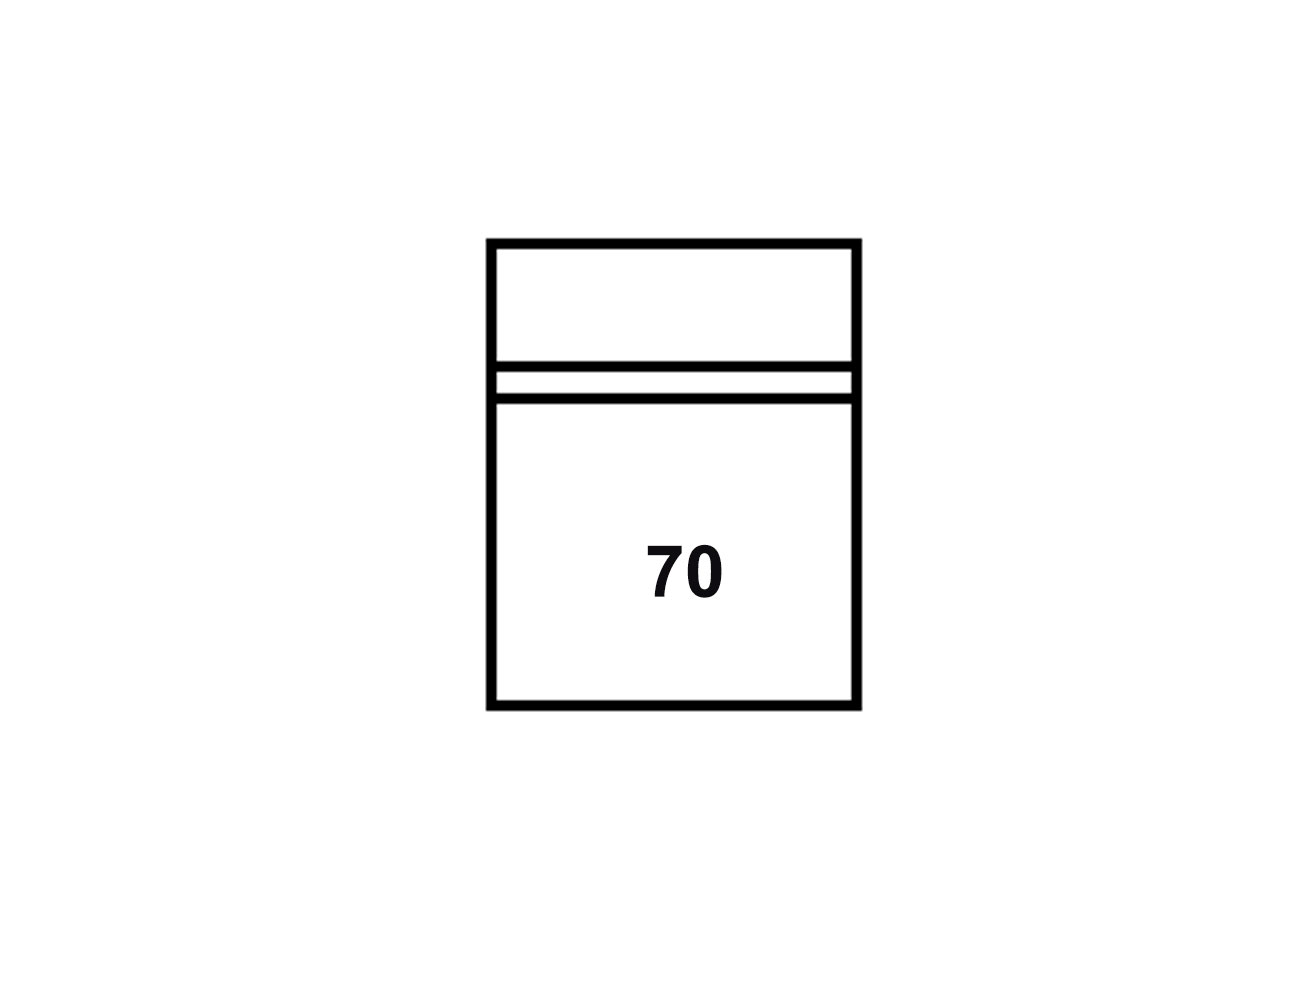 Modulo 1p 708